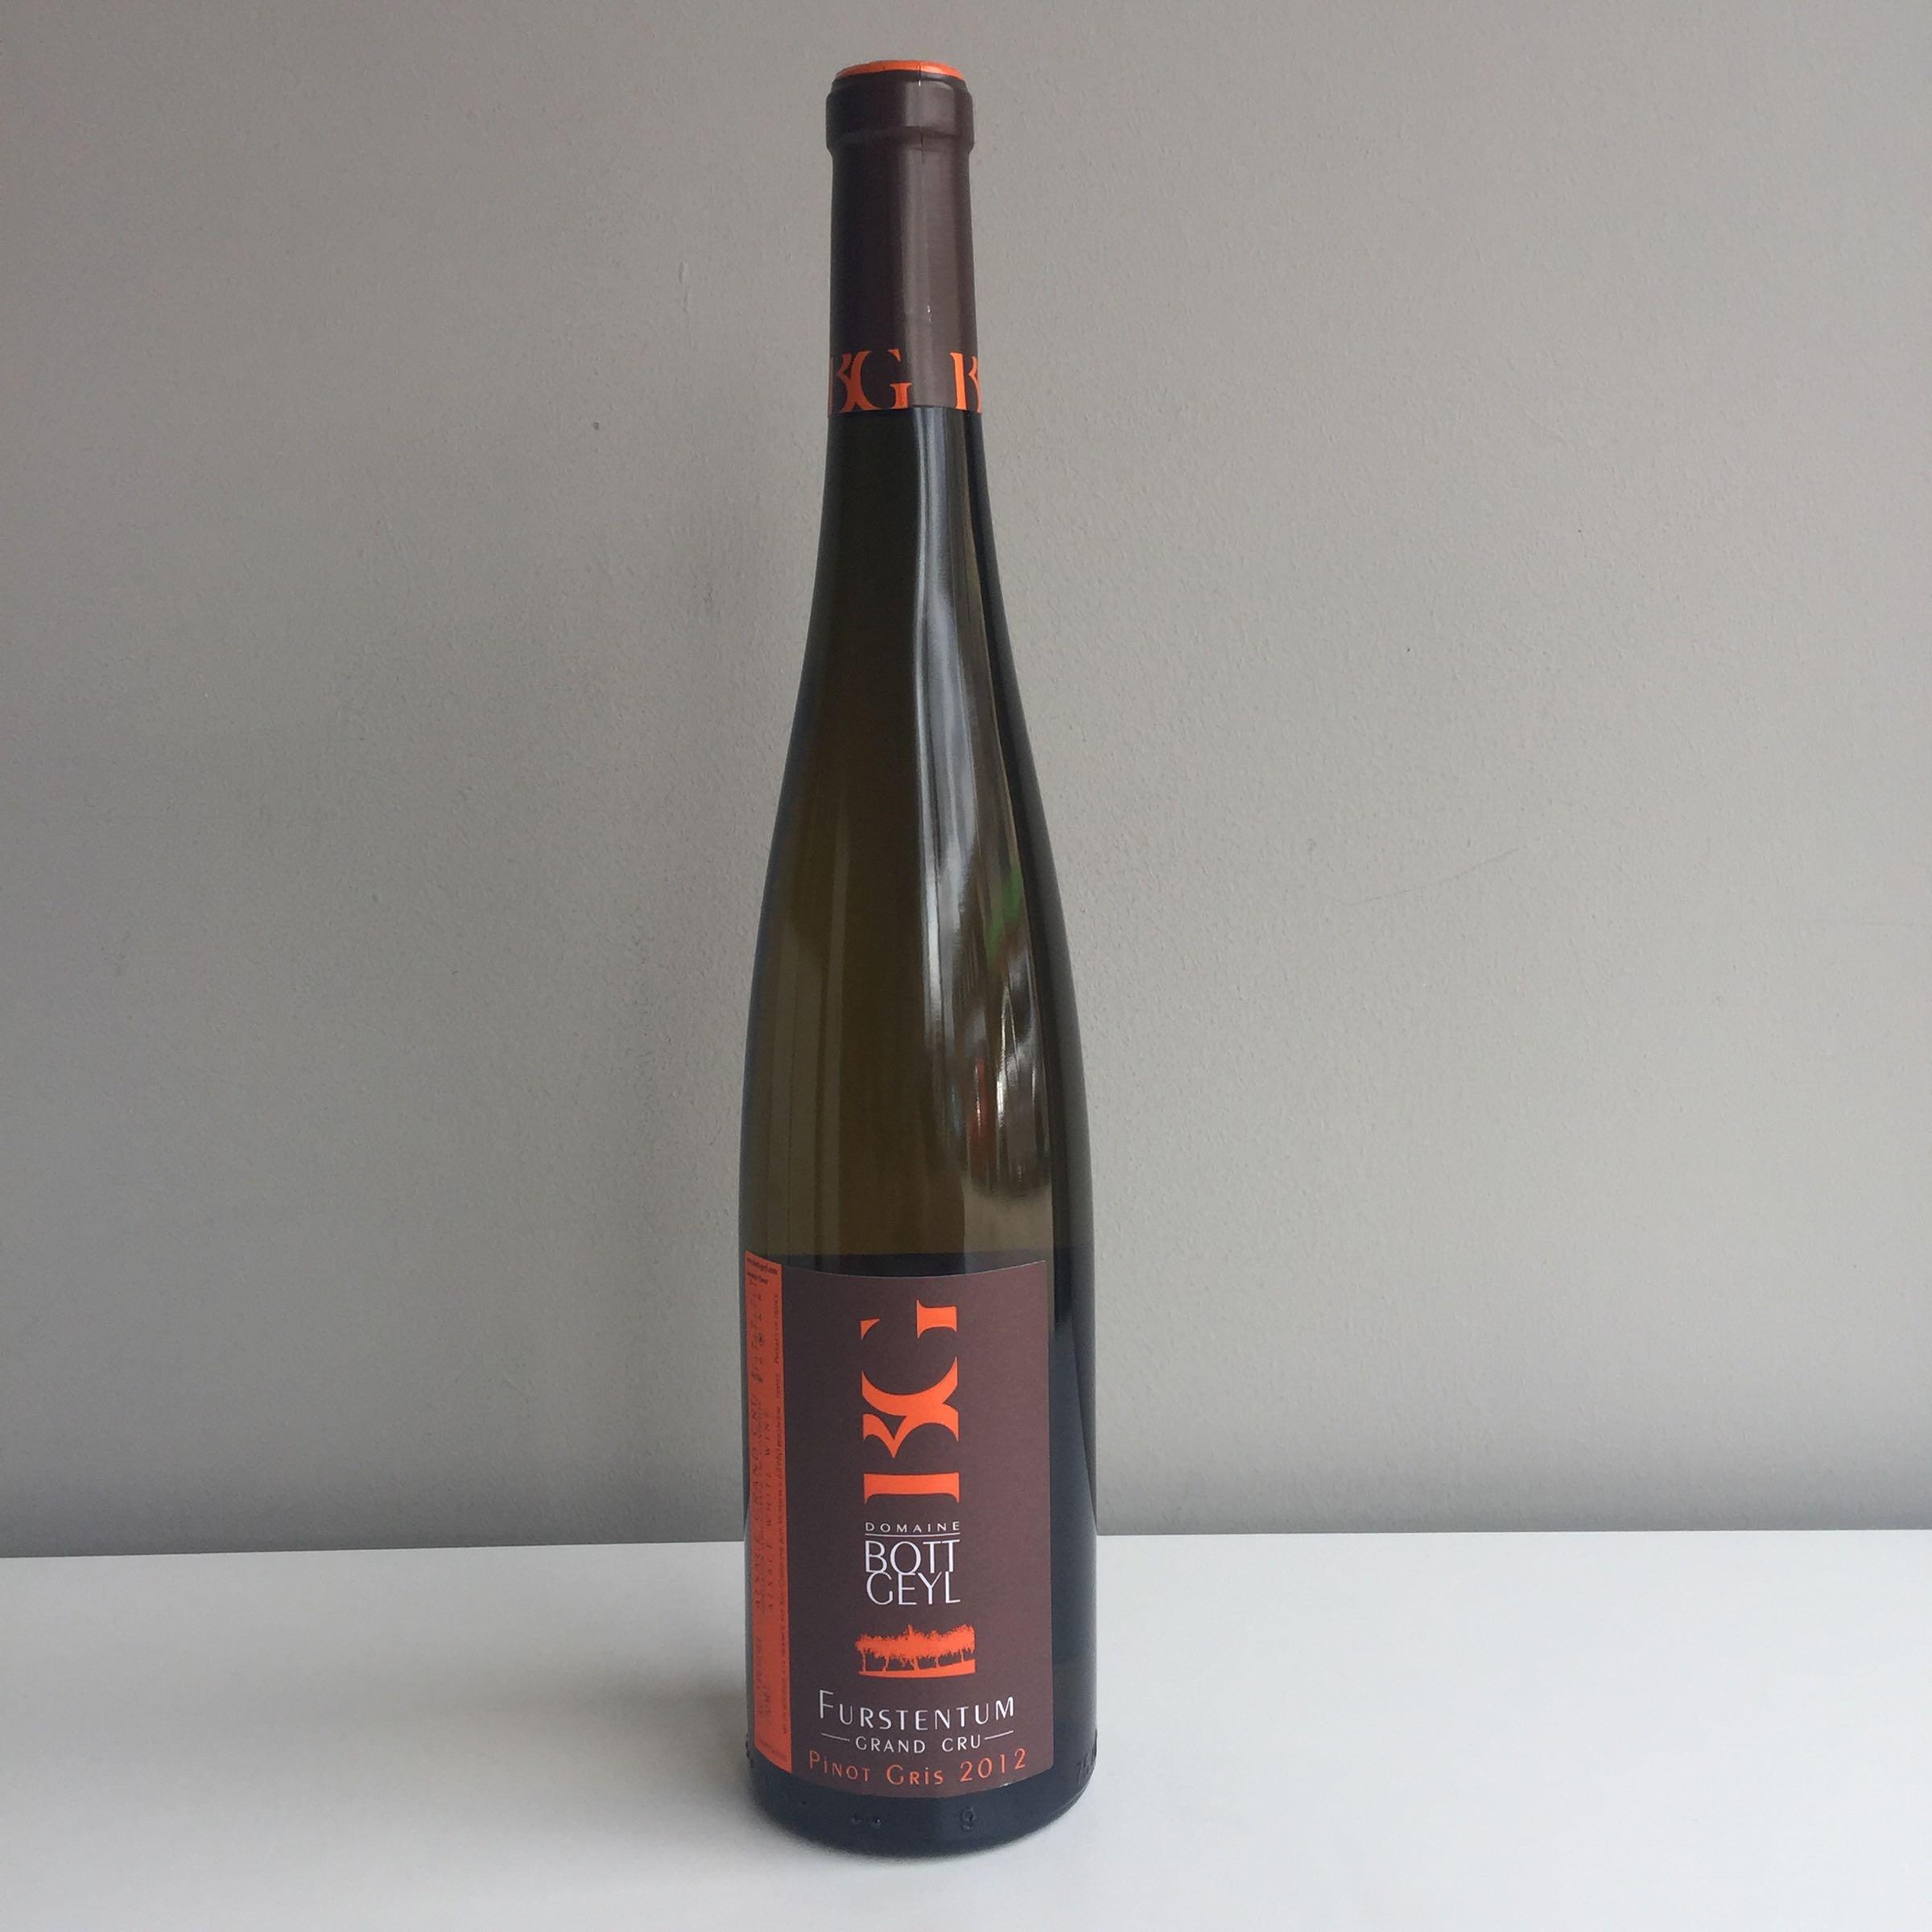 Domaine Bott-Geyl - Pinot Gris Grand Crus 2012